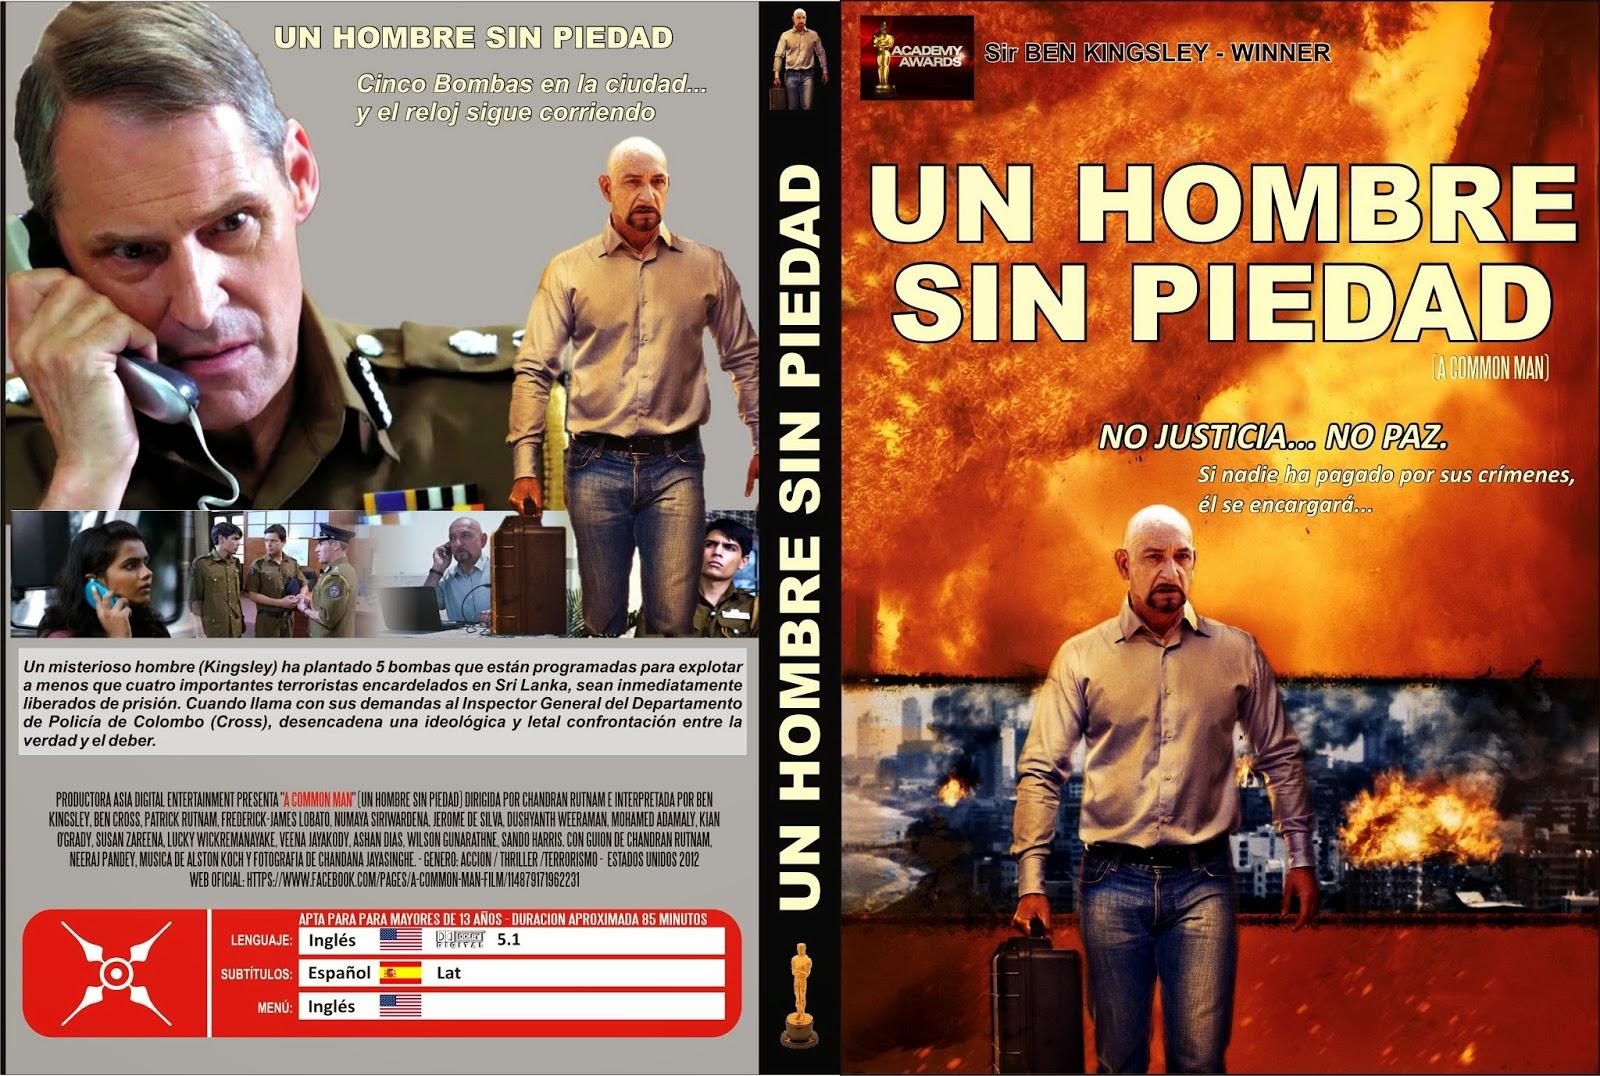 DVD - PS2 - SERIES - PROGRAMAS: Un Hombre Sin Piedad - A ... A Common Man Dvd